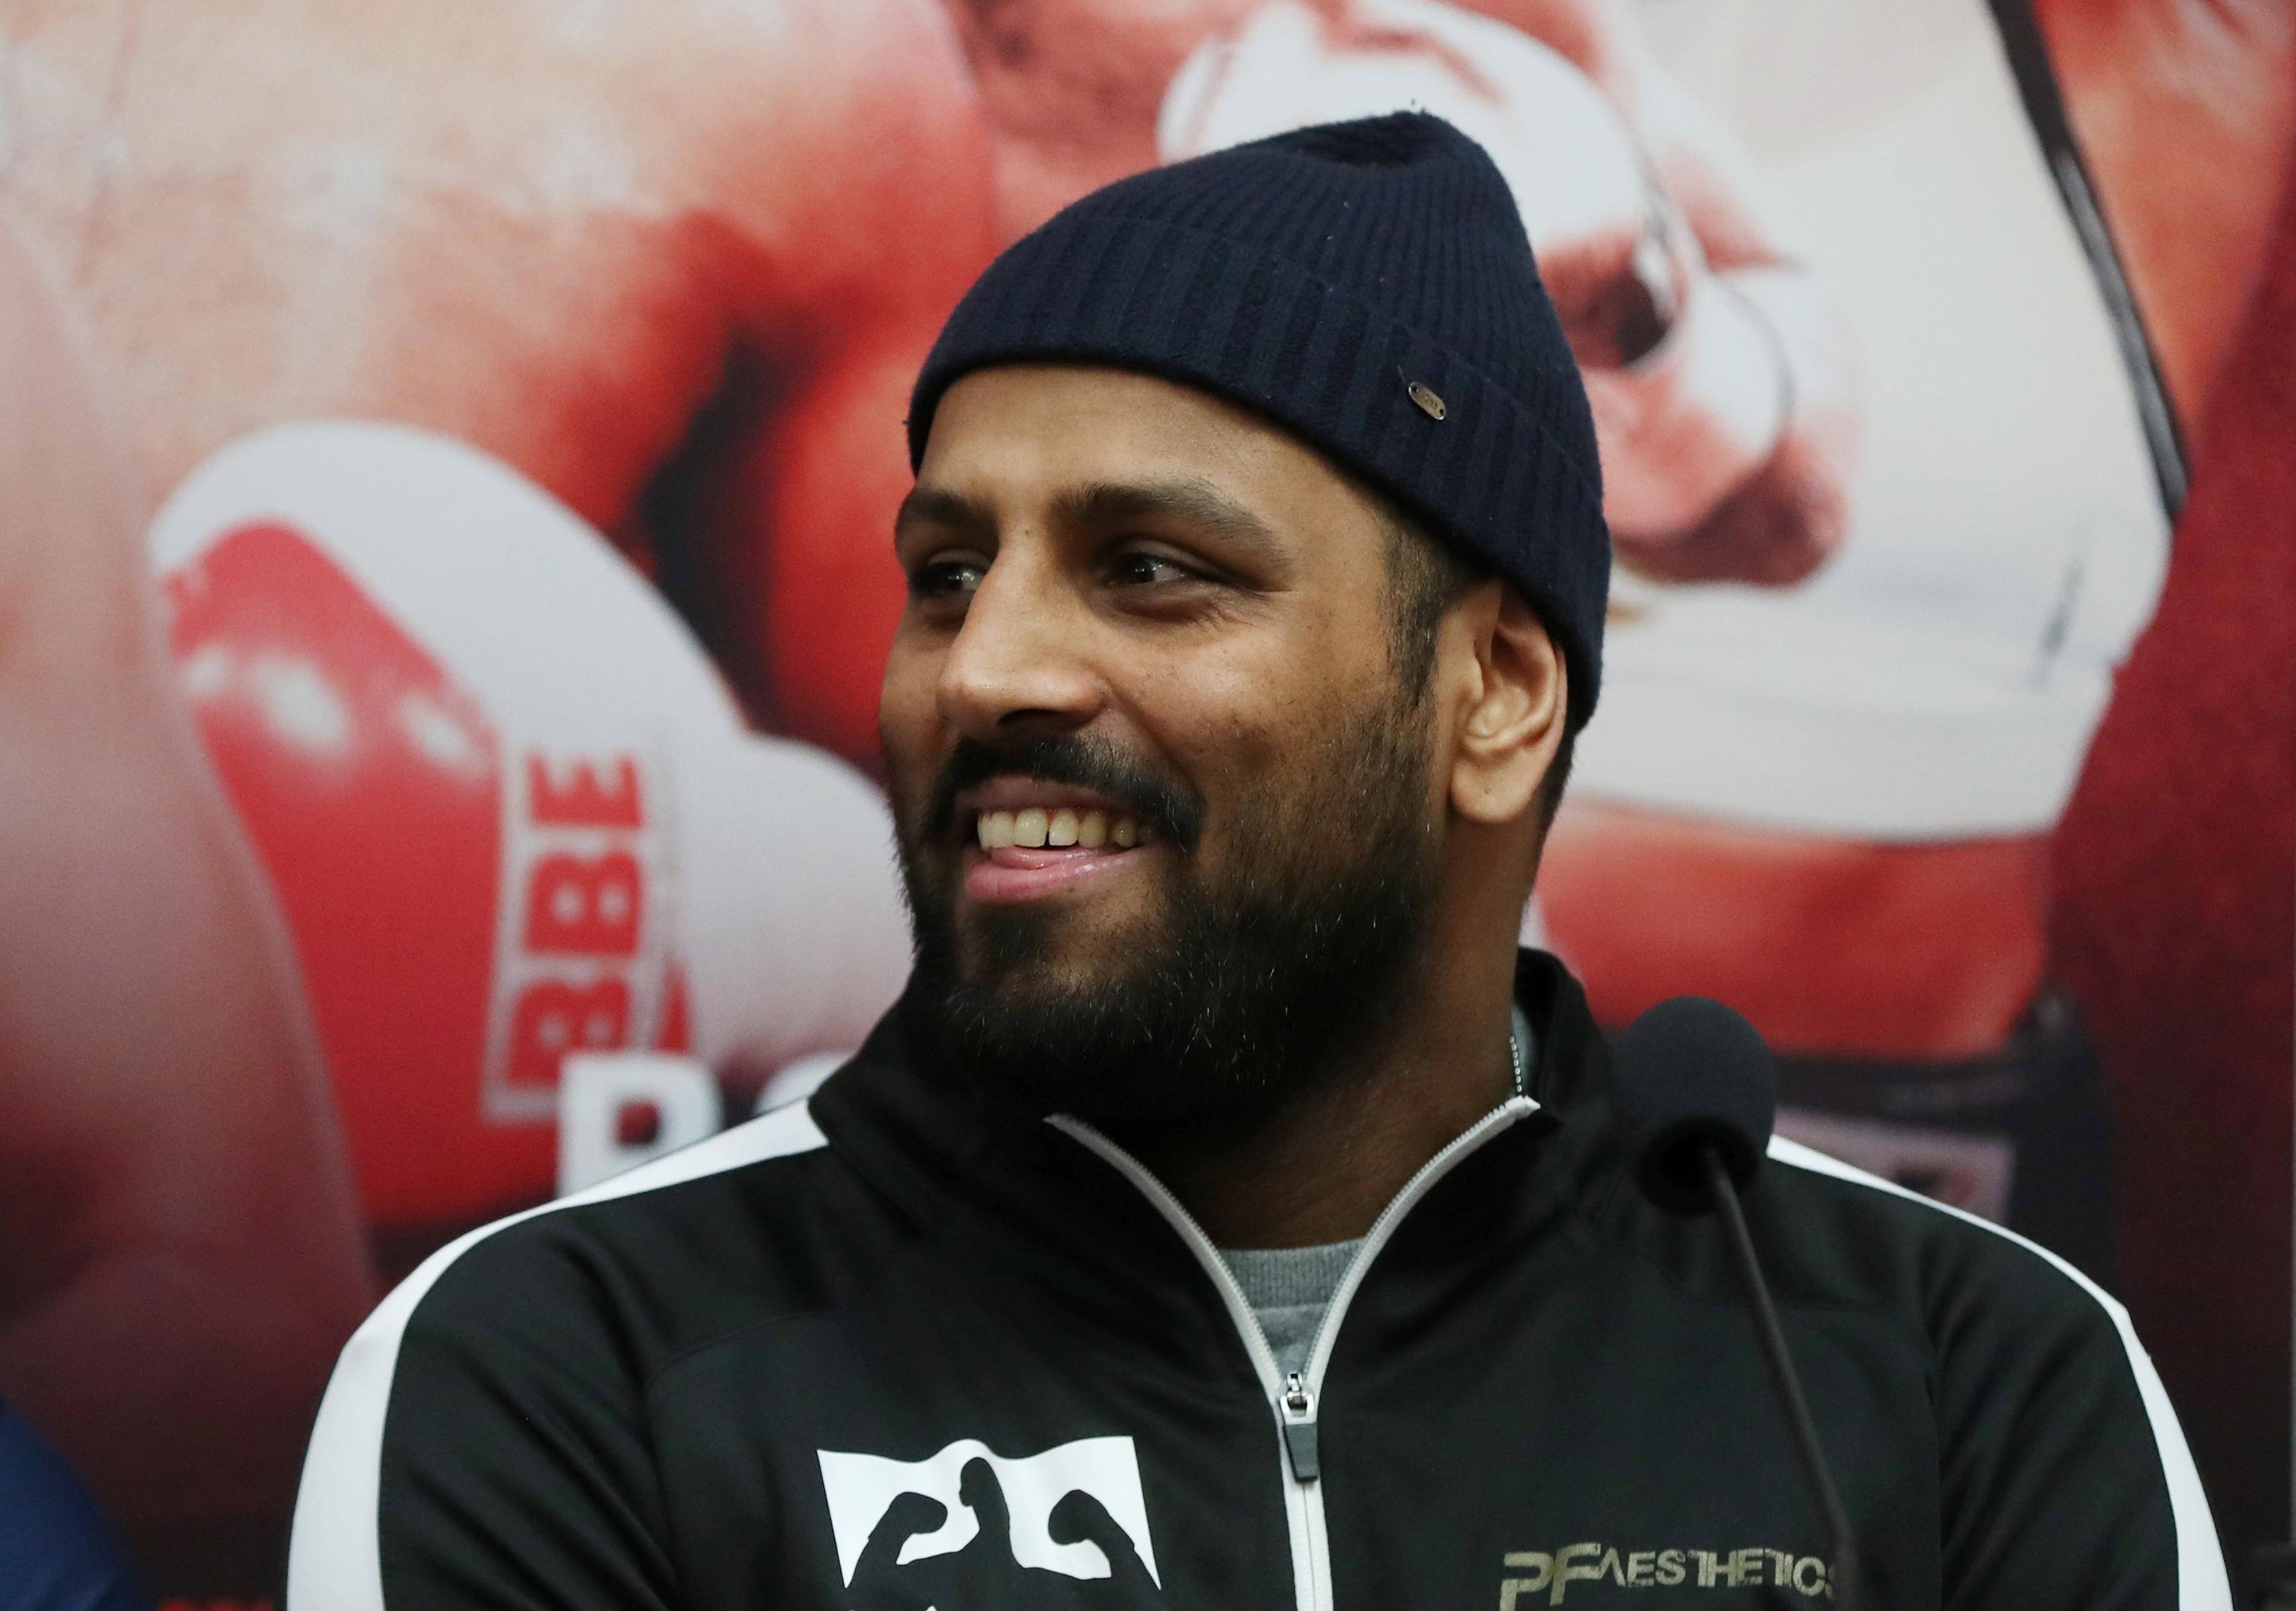 Boxeador britânico é suspenso por seis meses após morder adversário